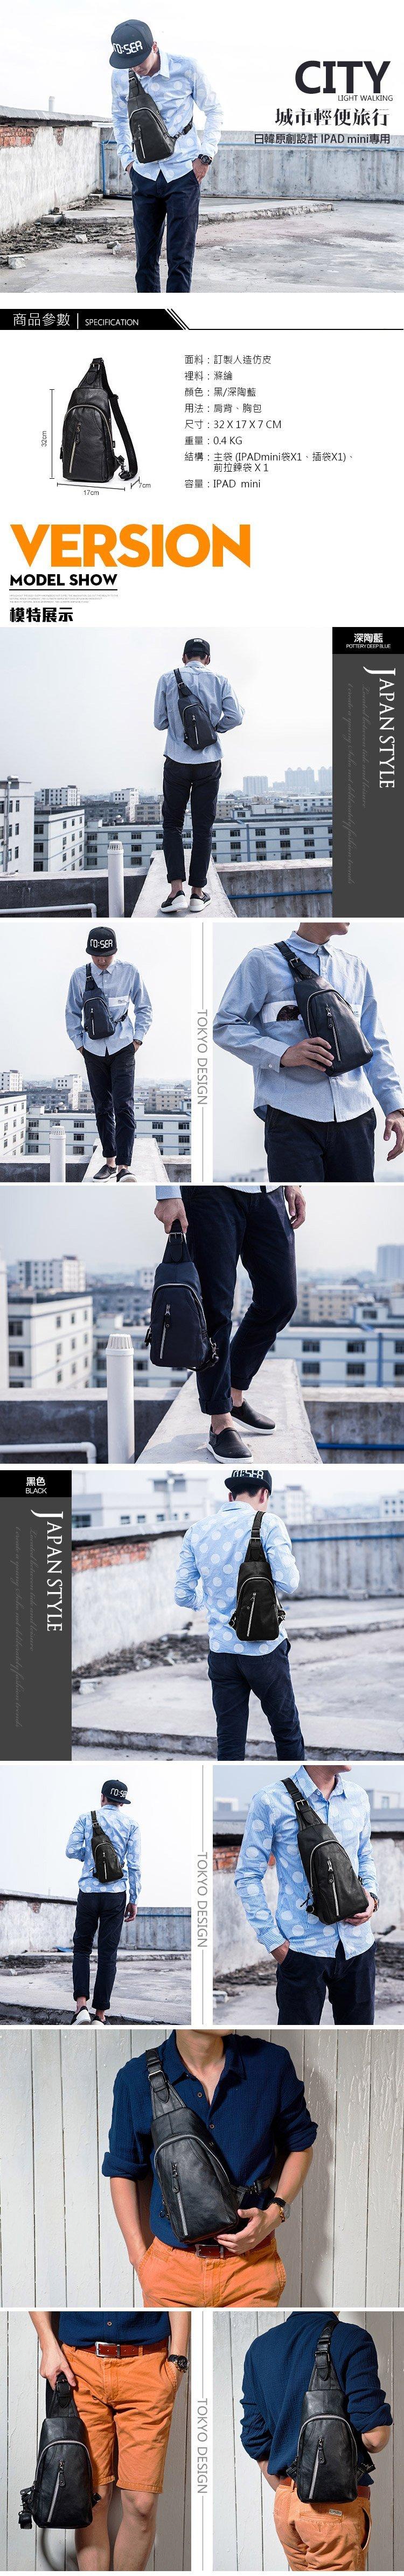 肩背包/胸包-藍/黑-城市行走